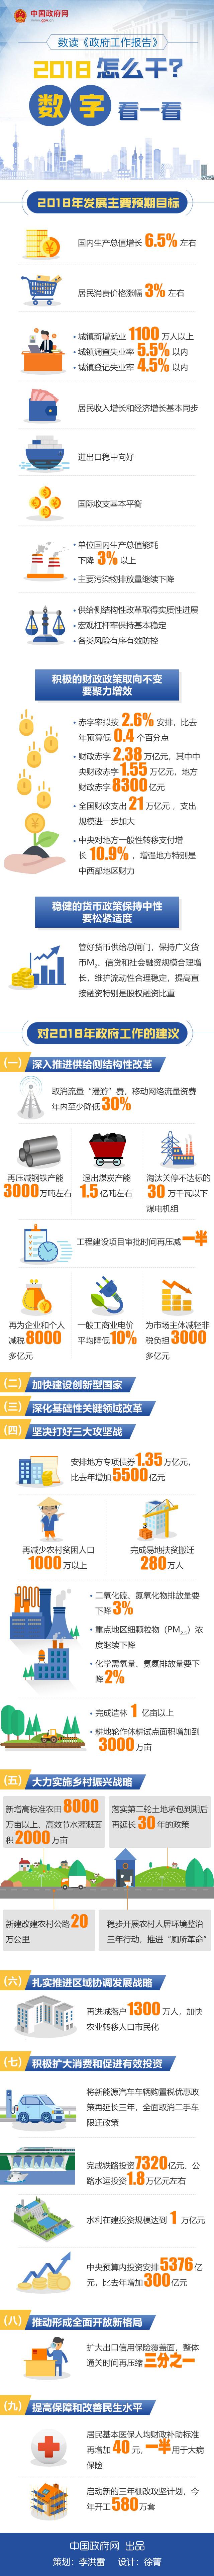 数读《政府工作报告》:2018怎么干?数字看一看-中国网地产